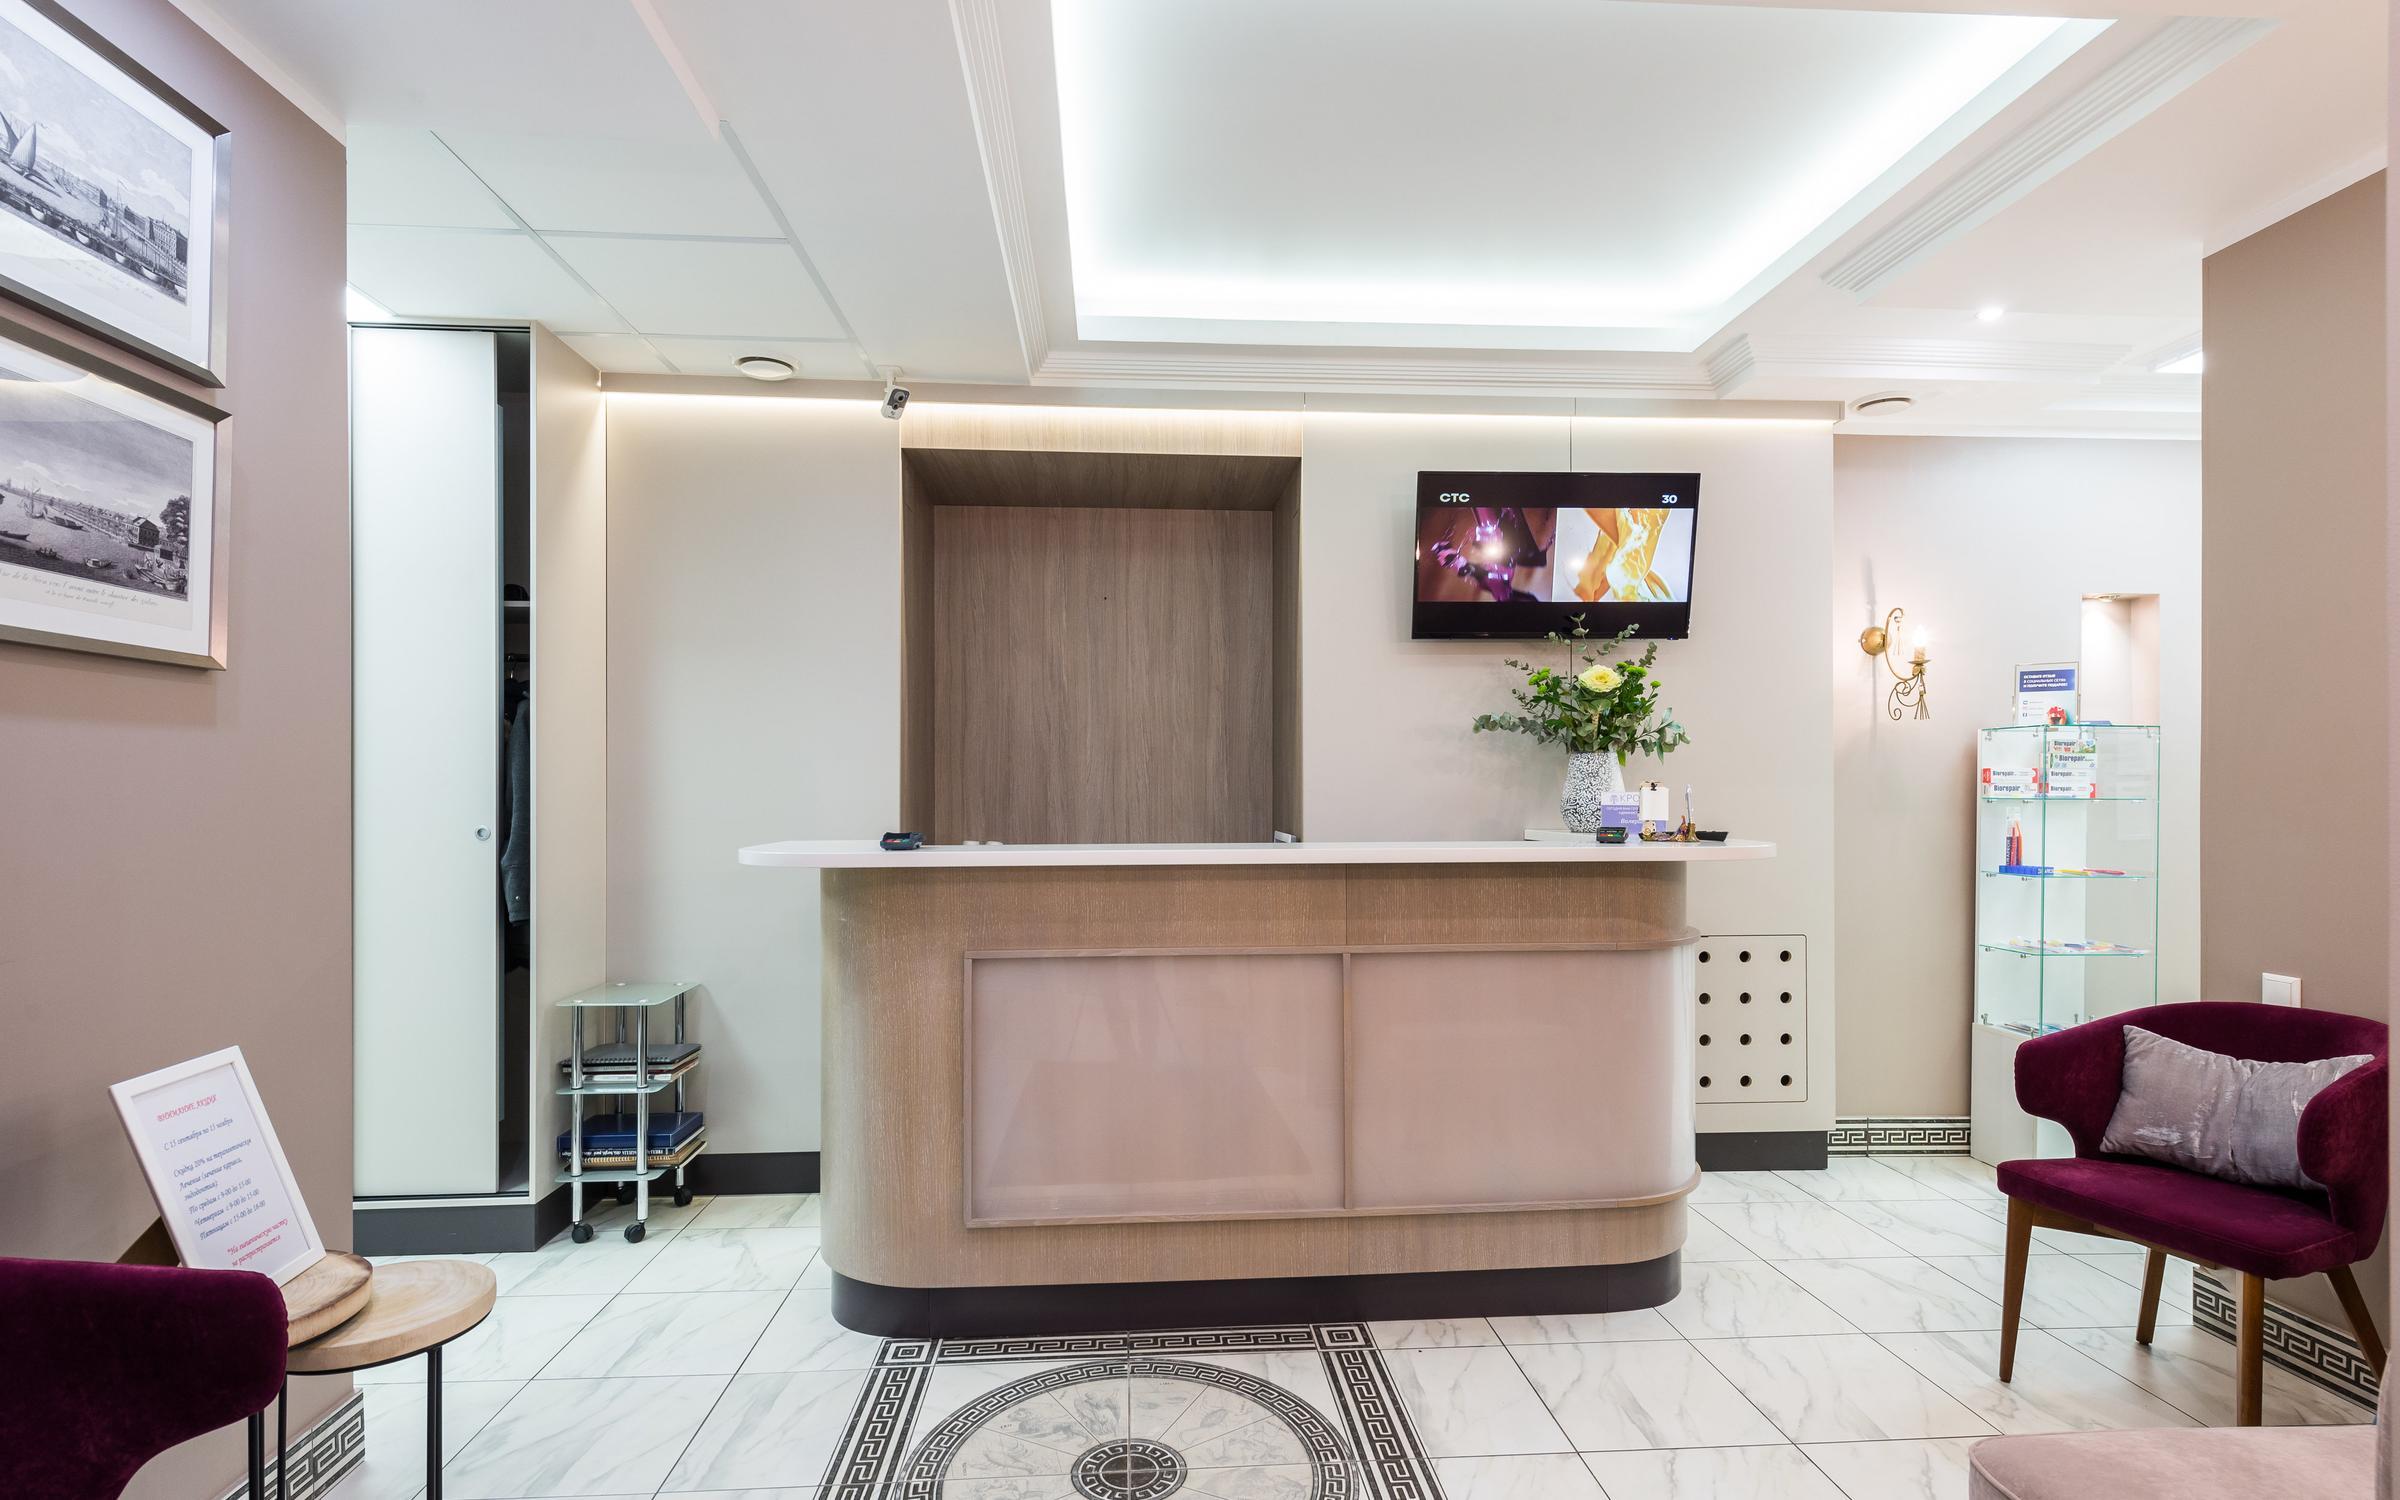 фотография Стоматологической клиники Крома на Большой Пушкарской улице